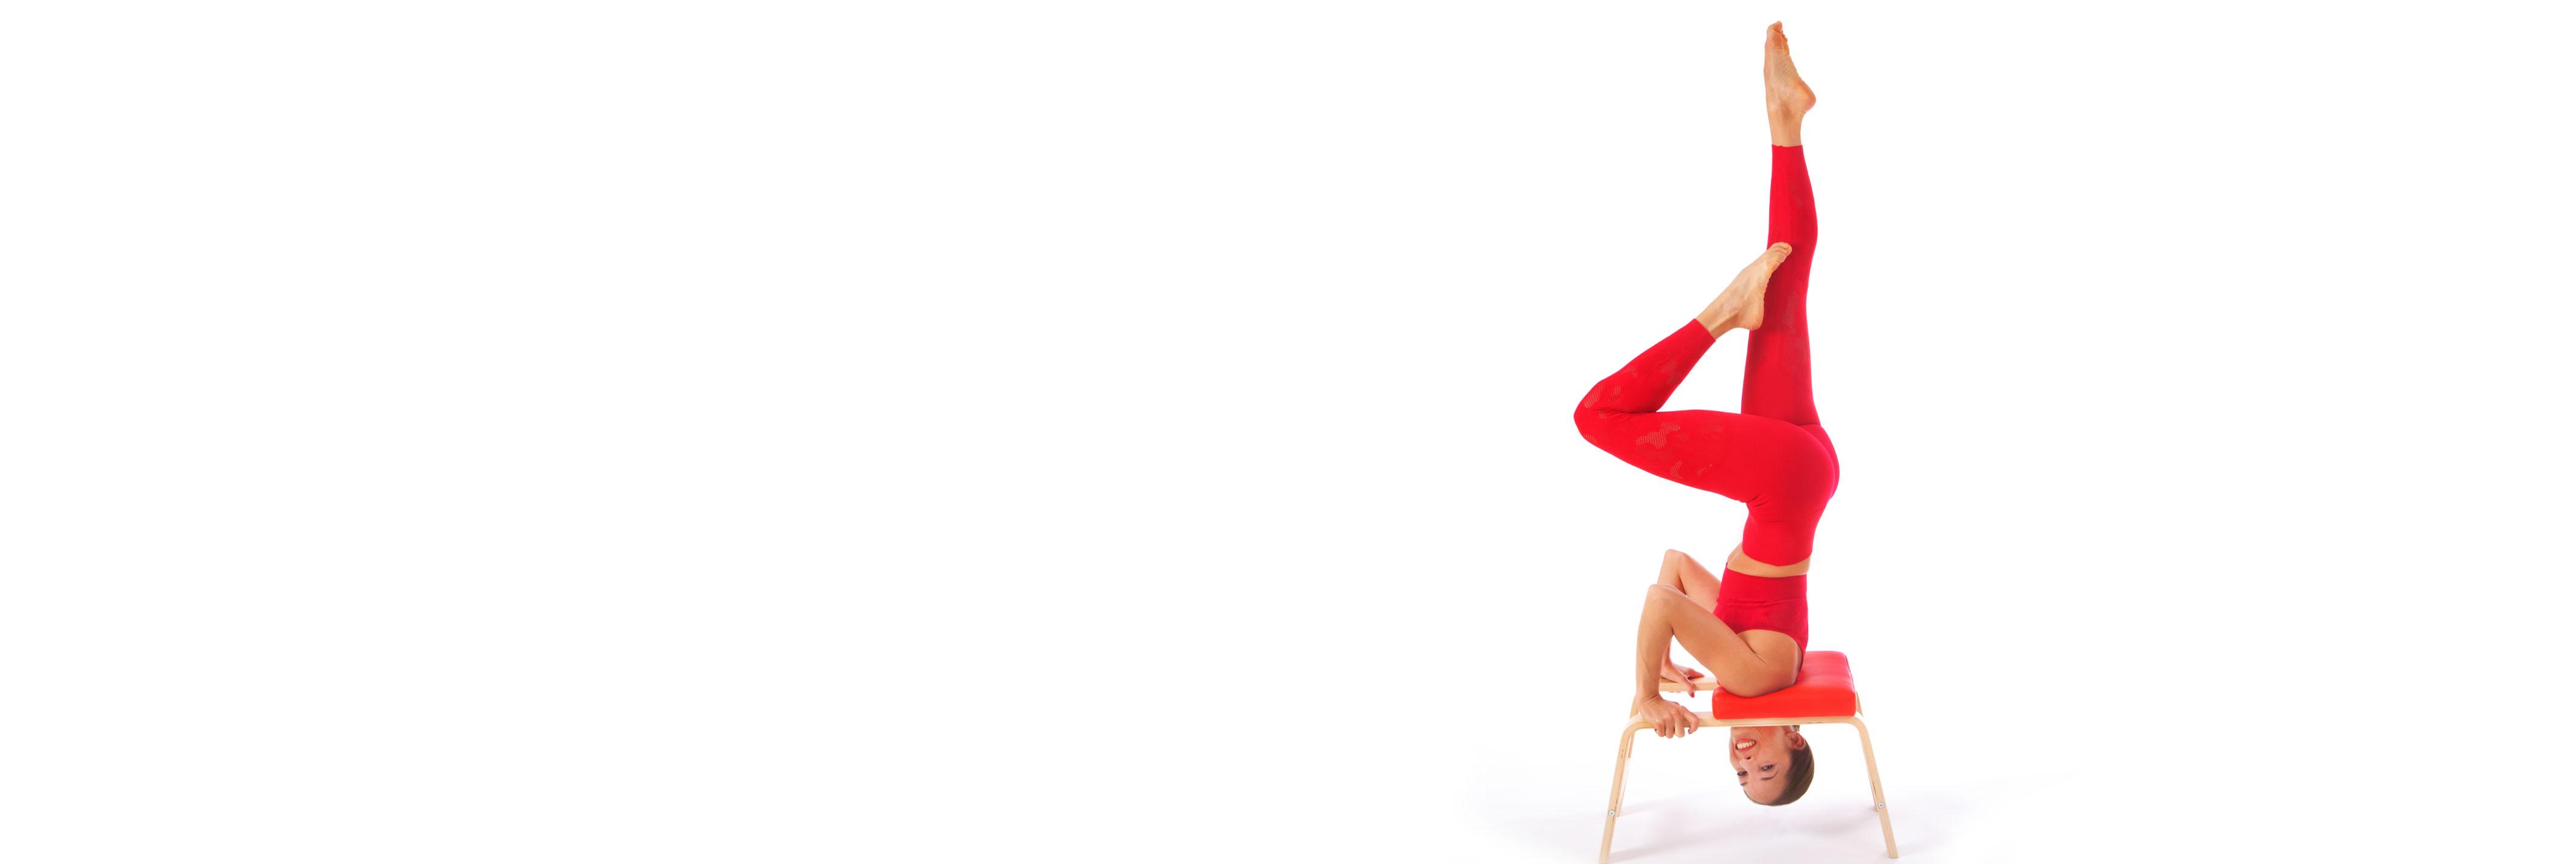 Studio-Elodie-Murnau-Feet-Up-01